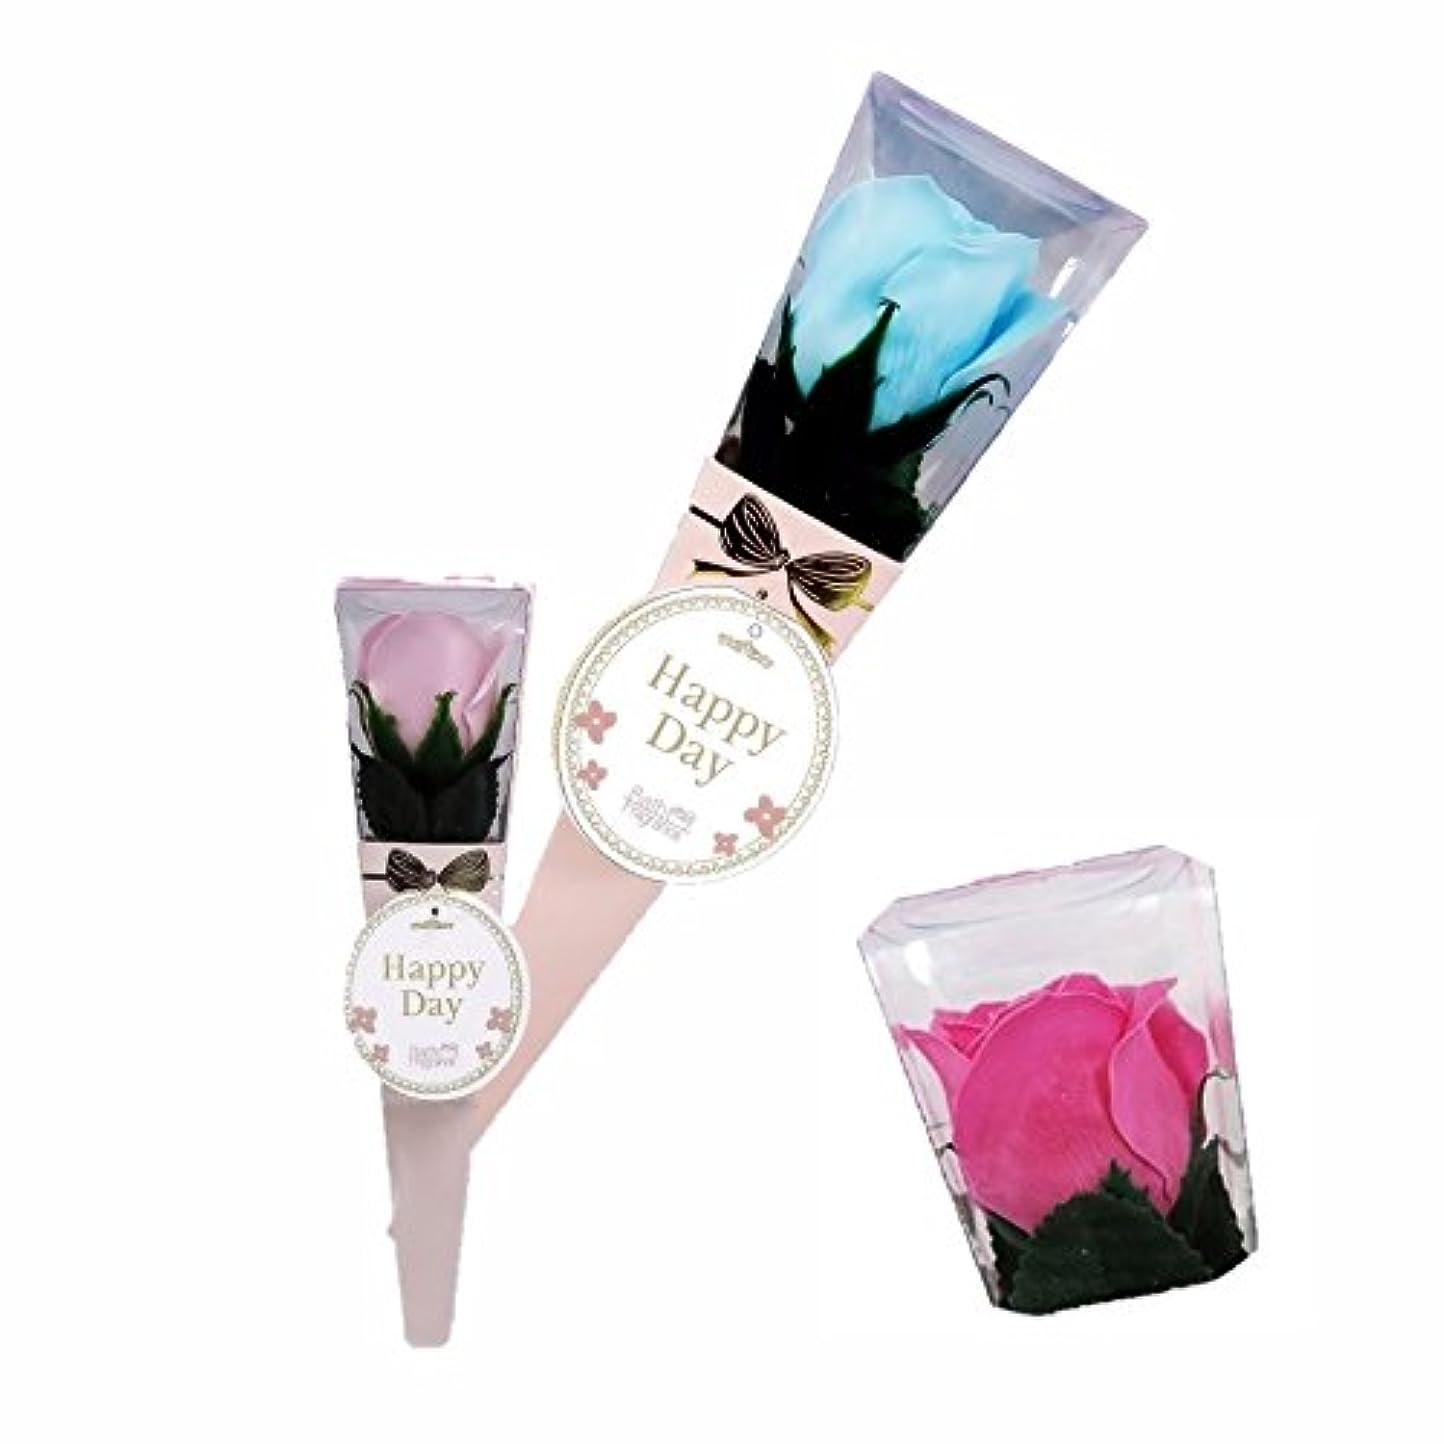 肘掛け椅子コードレス国歌バスフレグランス ミニローズブーケ ローズピンク バスフラワー ギフト お花の形の入浴剤